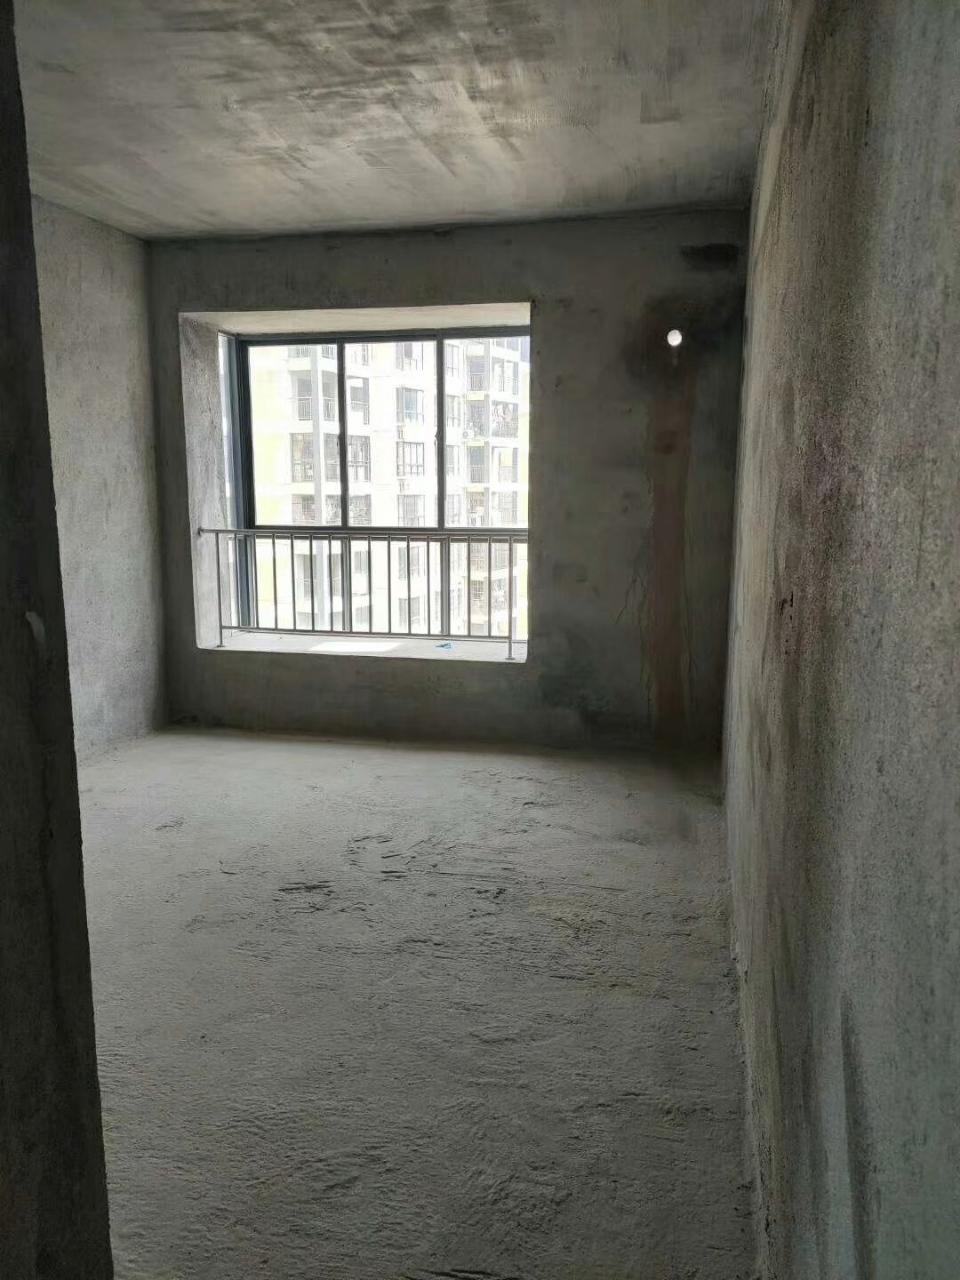 鸣大南城广场3房2厅2卫仅售41万